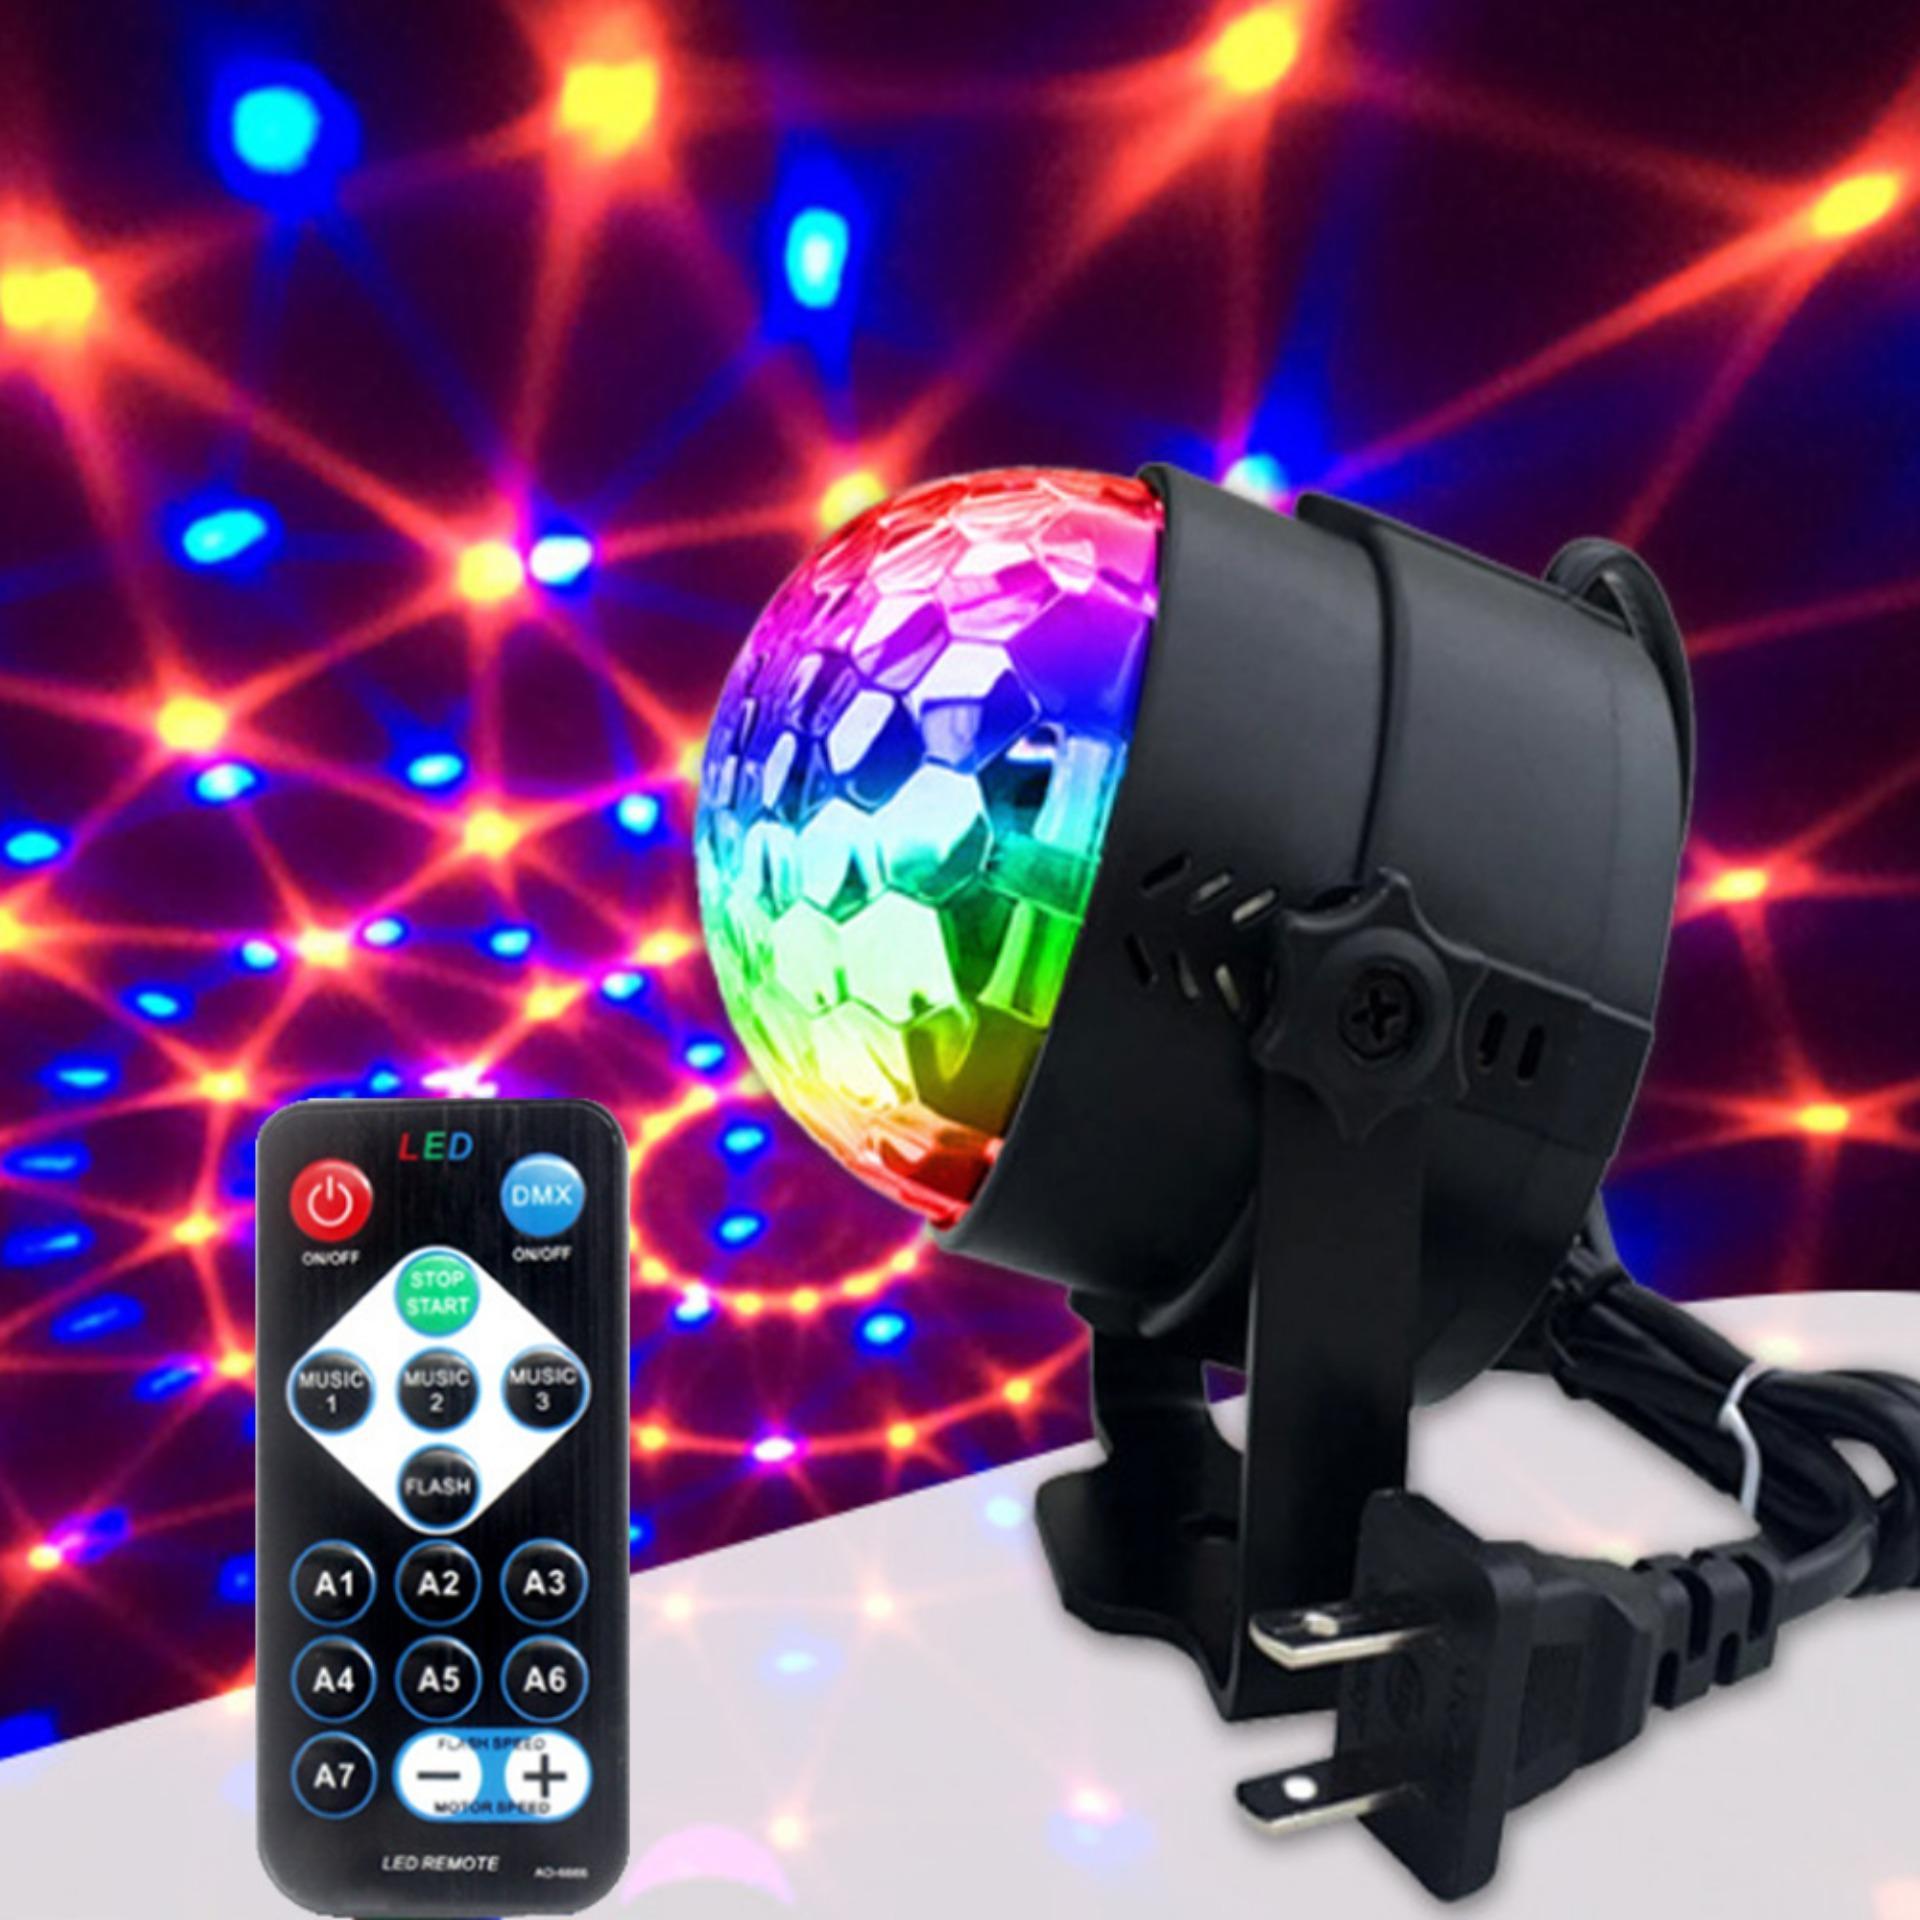 Đèn Led Xoay Cảm ứng Theo Nhạc (Có Remote) Giá Siêu Rẻ